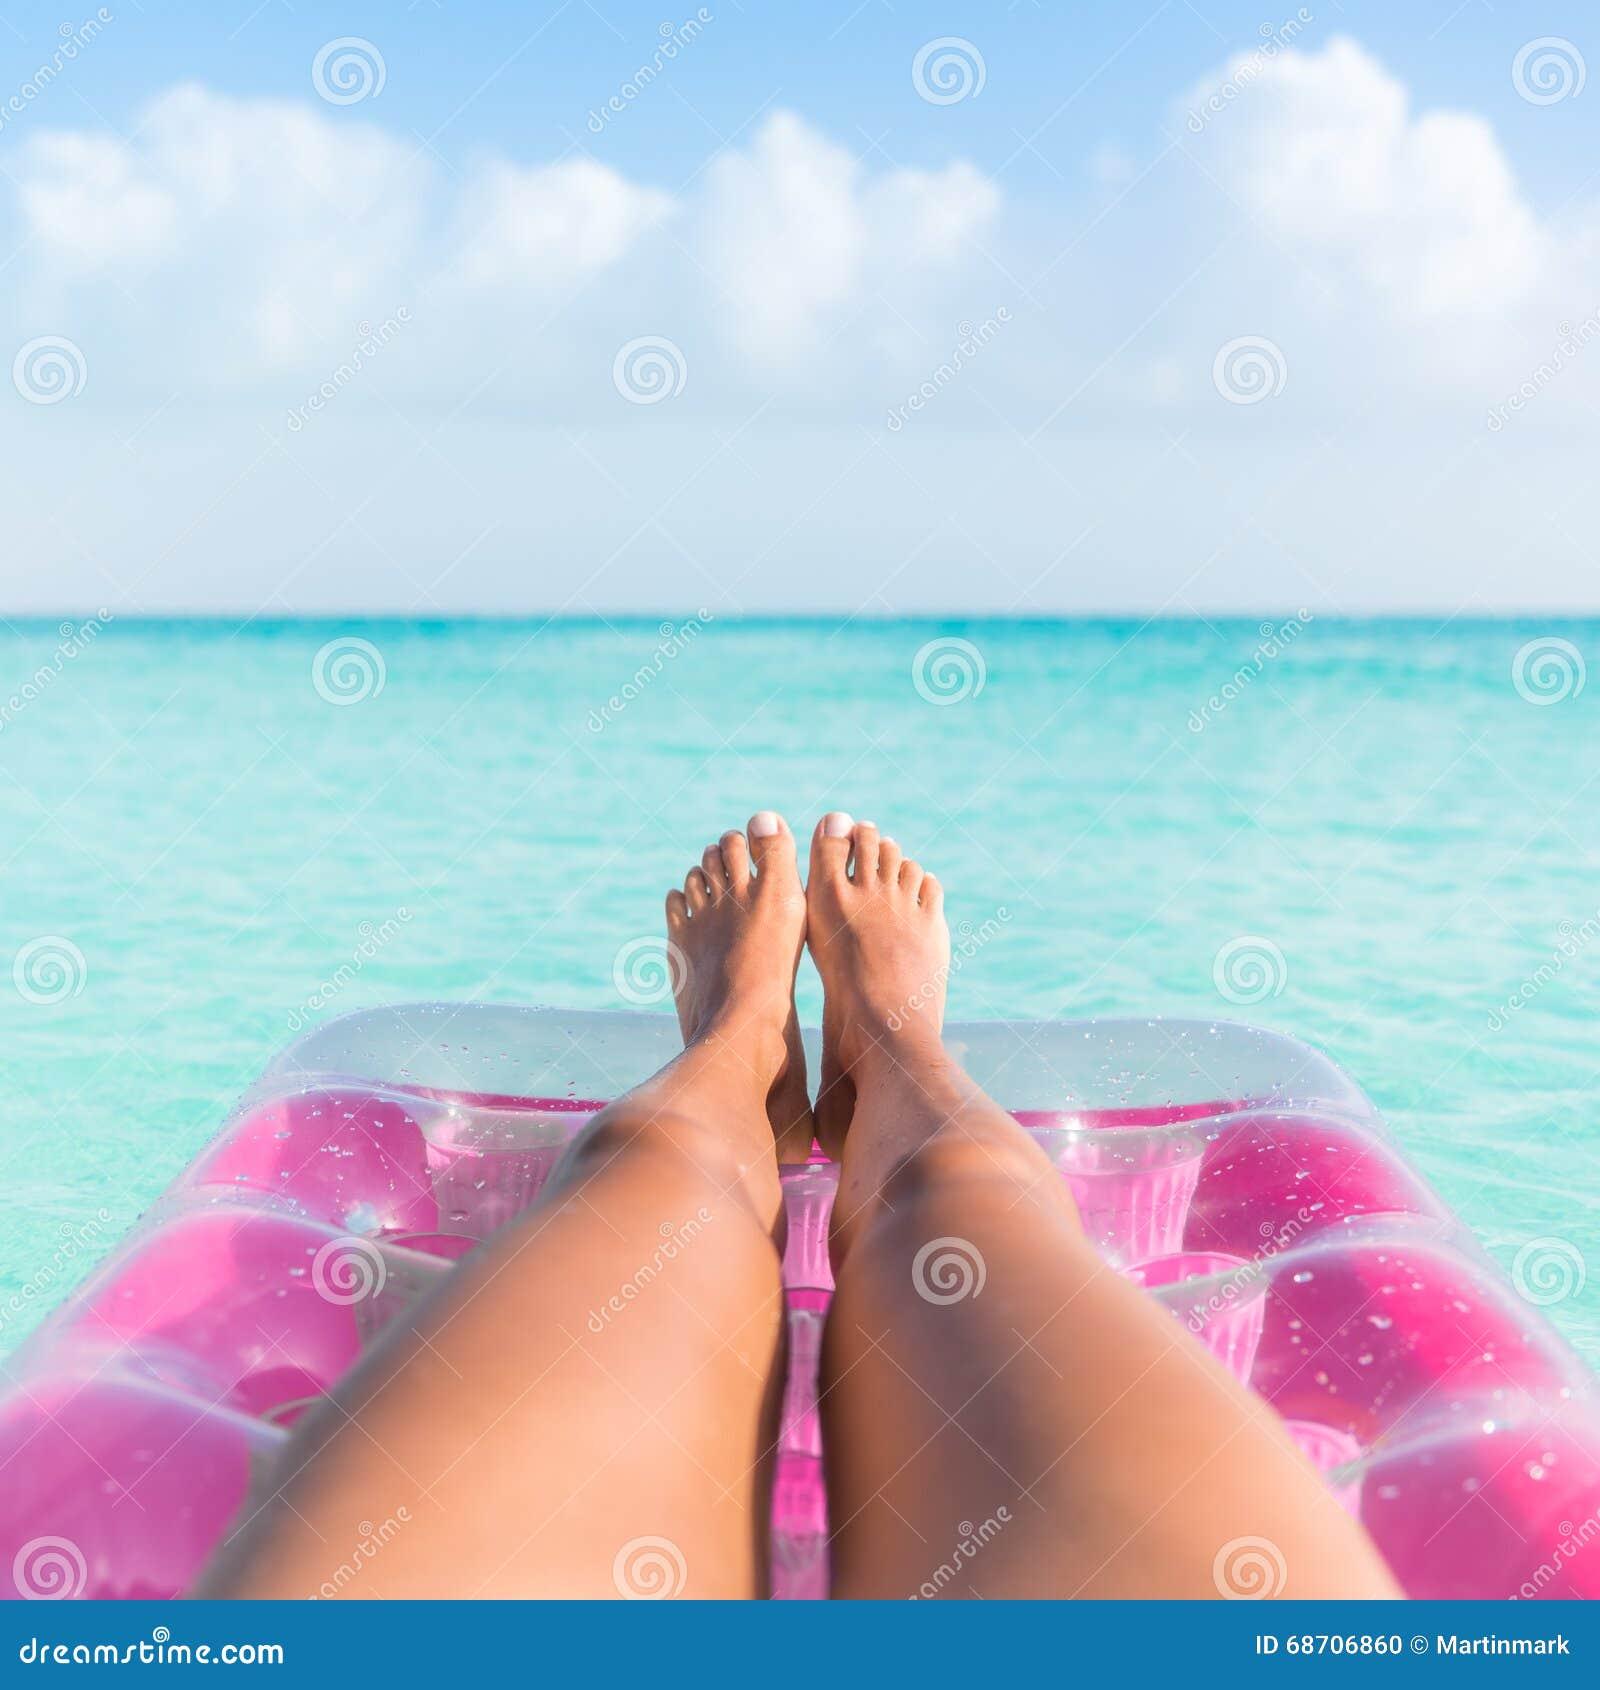 https://thumbs.dreamstime.com/z/gambe-d-abbronzatura-della-ragazza-di-vacanza-estiva-che-si-rilassano-nell-oceano-68706860.jpg